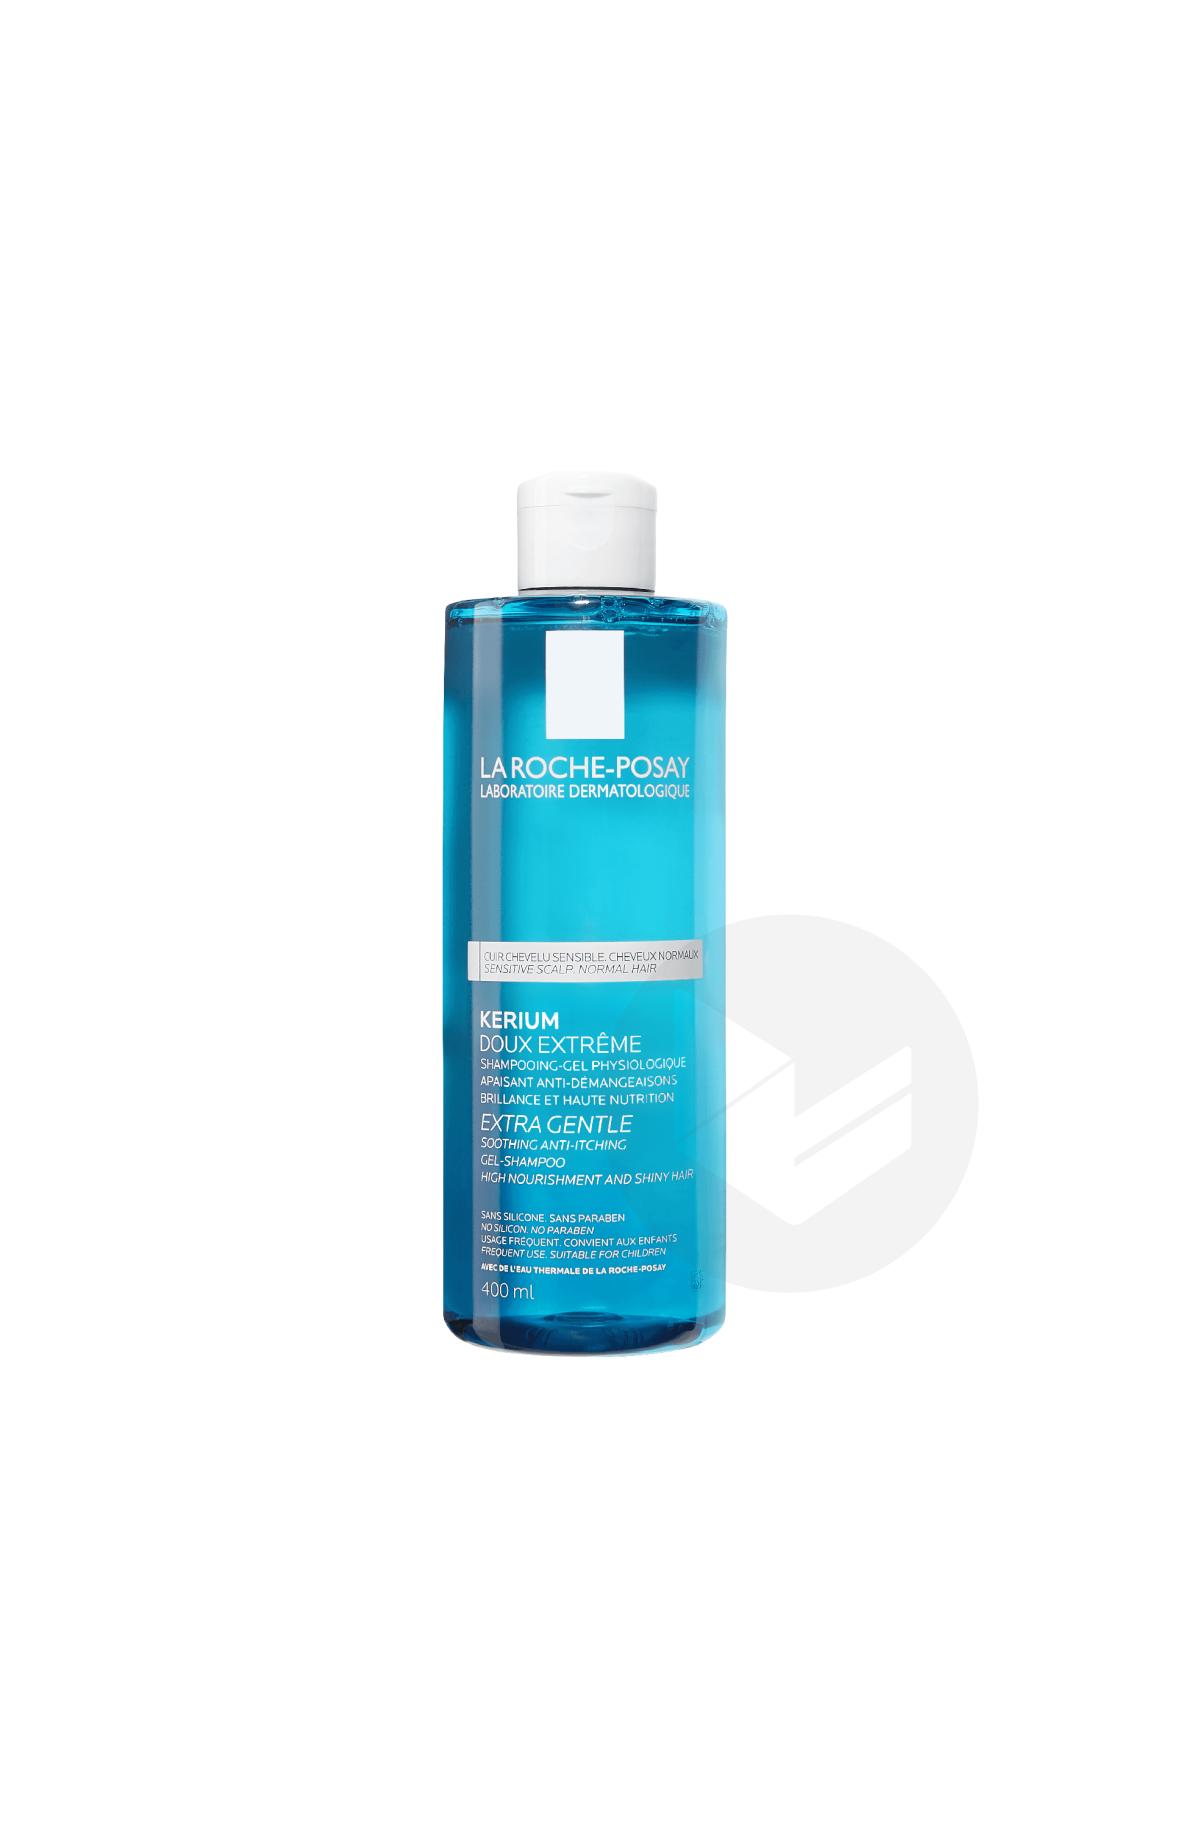 Kerium Doux Extrême Shampoing-Gel 400ml